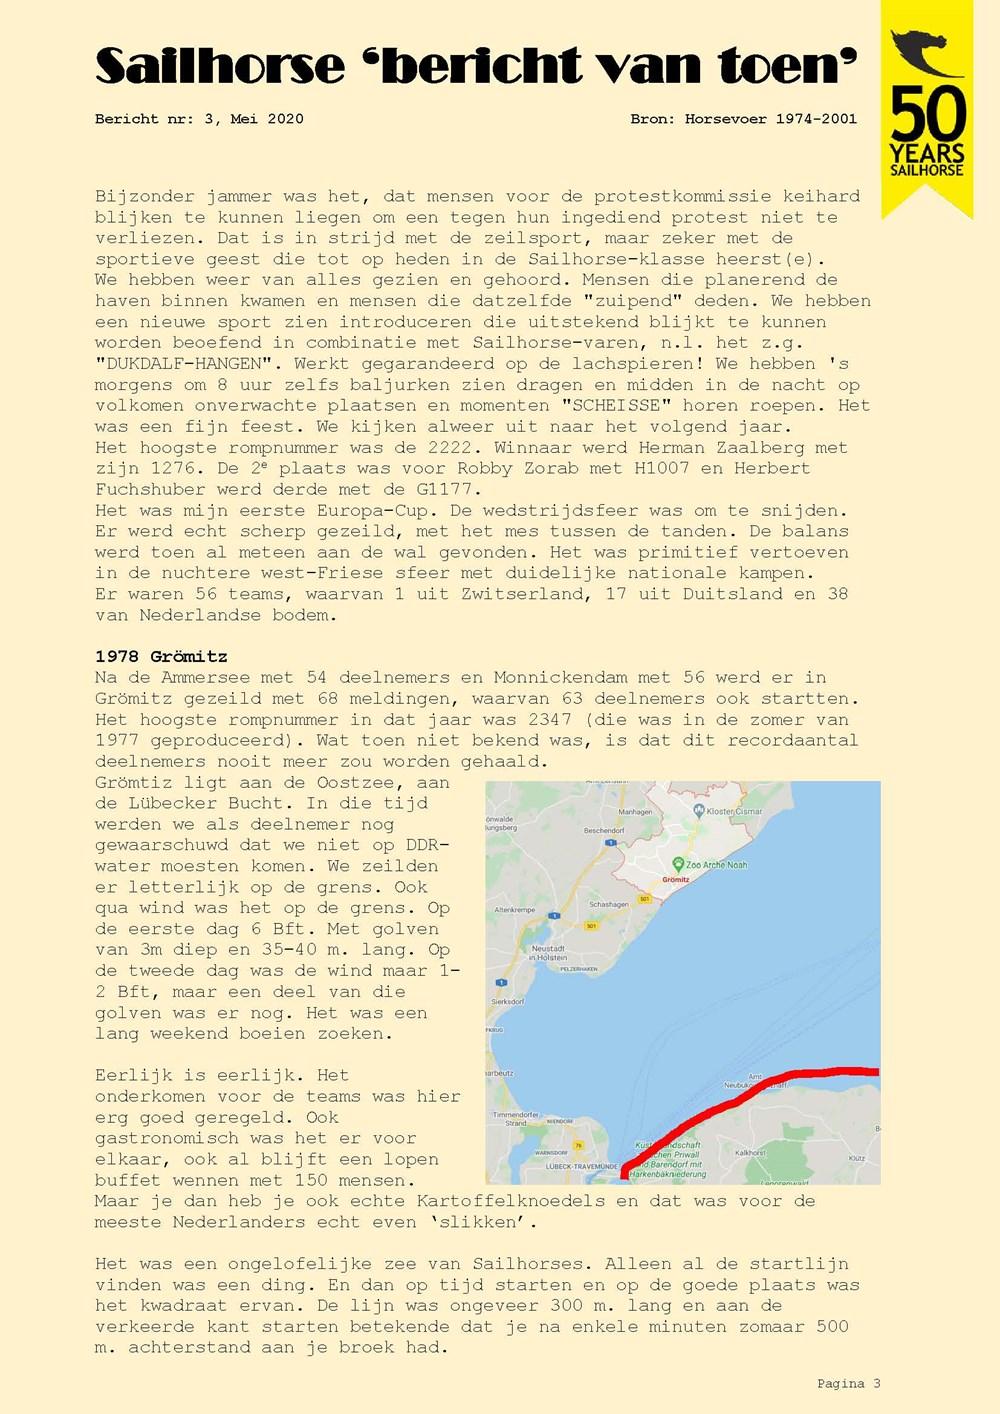 Bericht_van_toen_3_Mei_def_Page_03.jpg